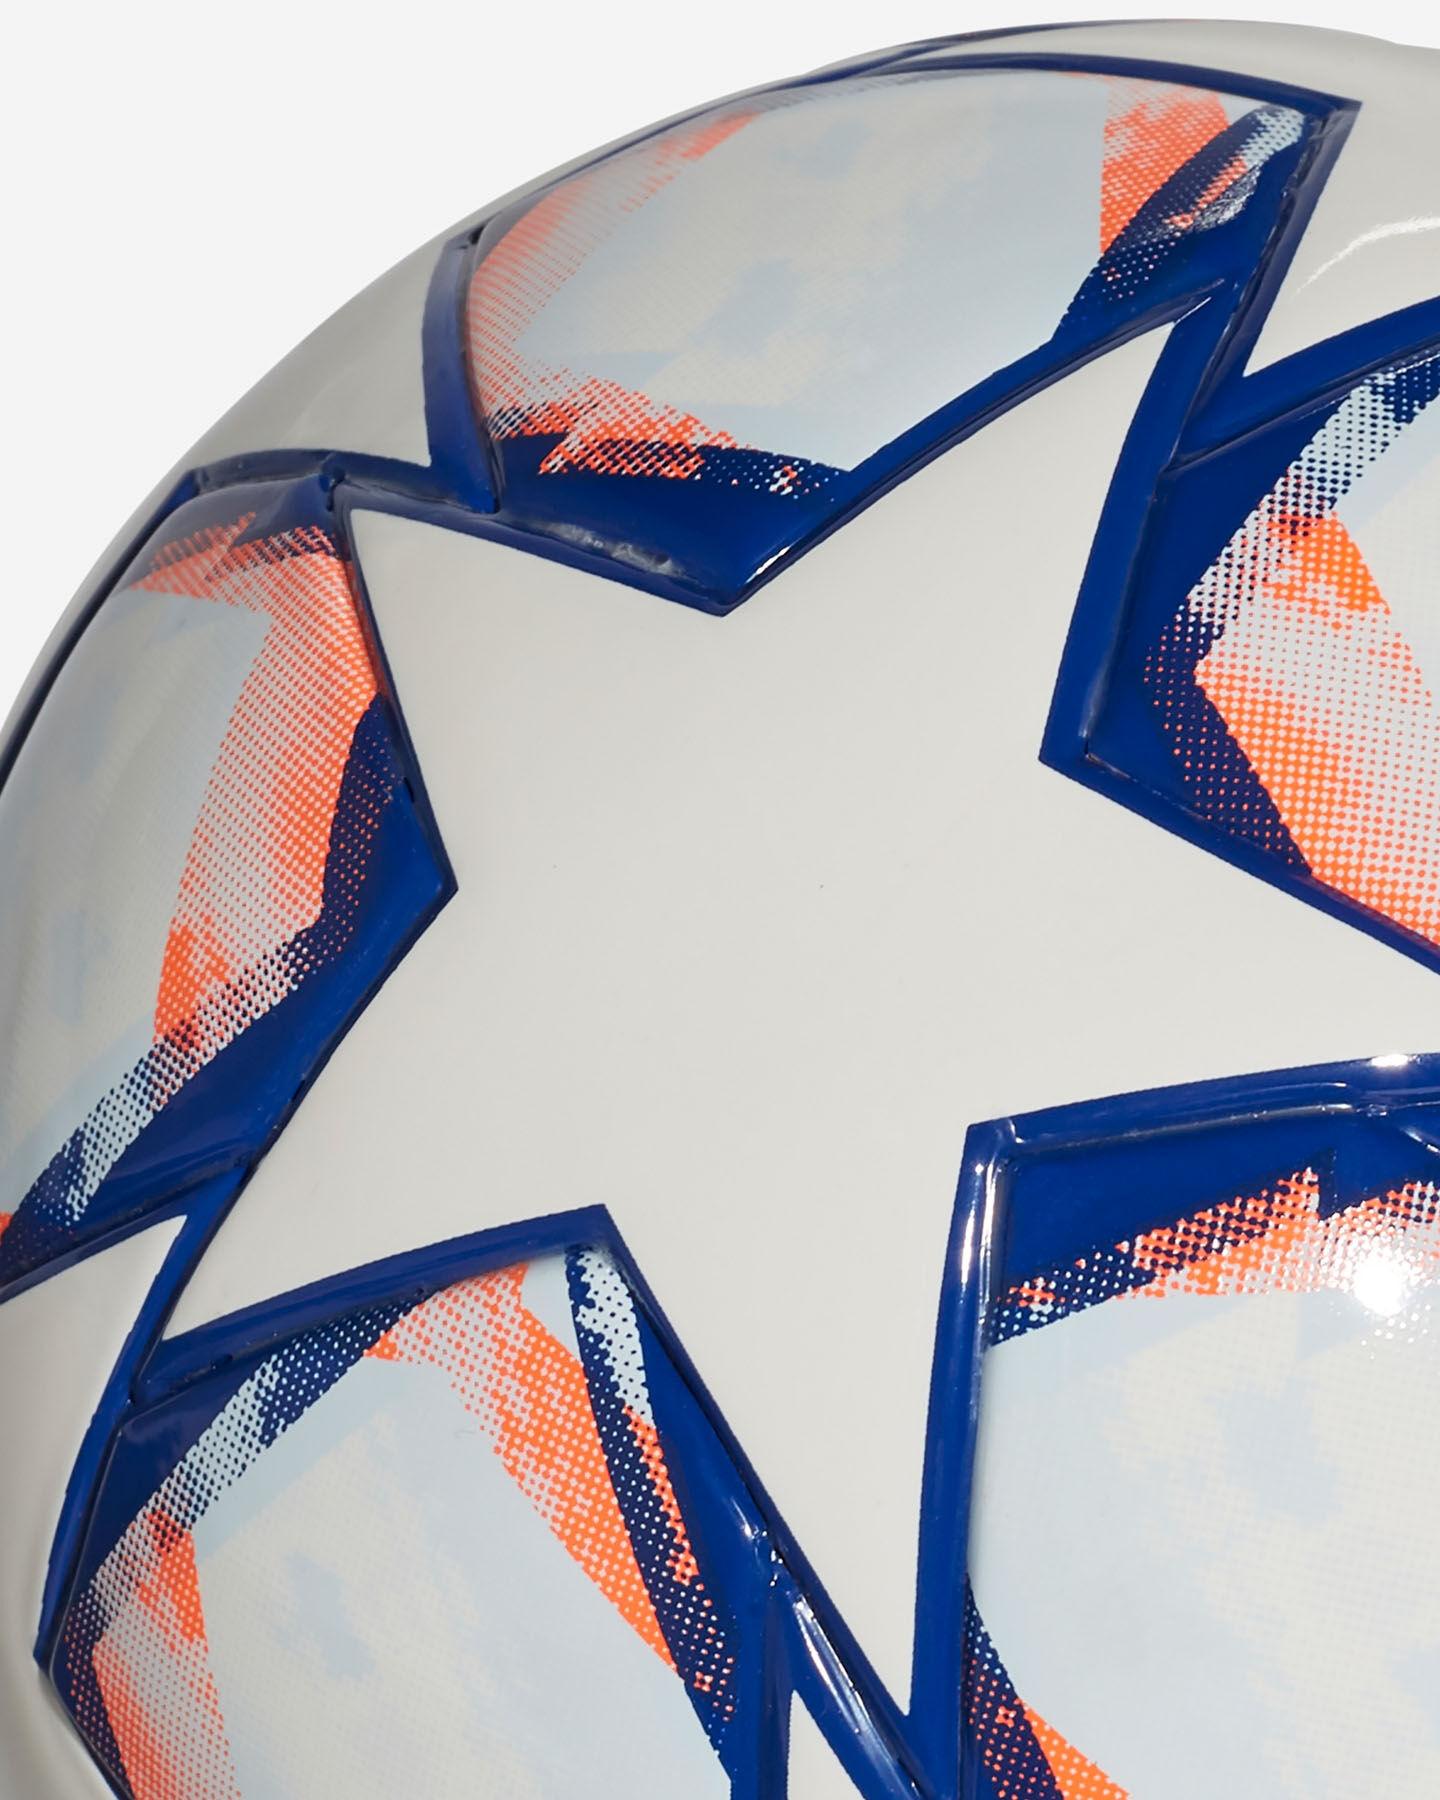 Pallone calcio ADIDAS FINALE 20 S5217705|UNI|1 scatto 3